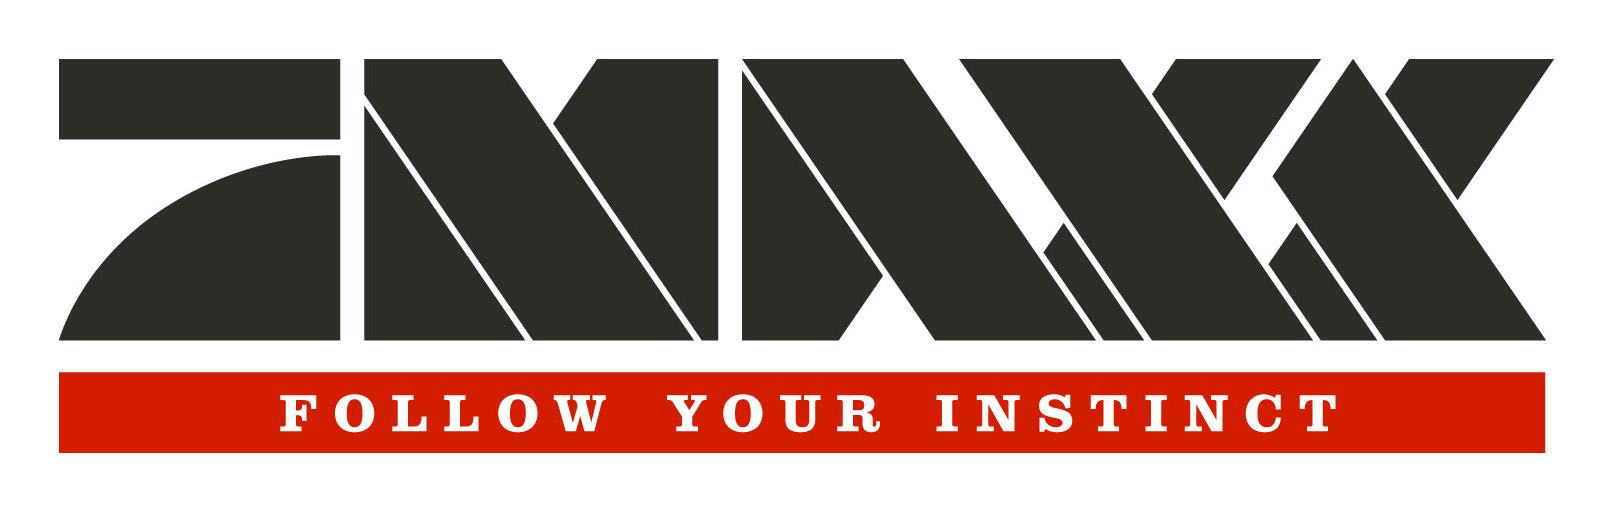 P7 Maxx Mediathek